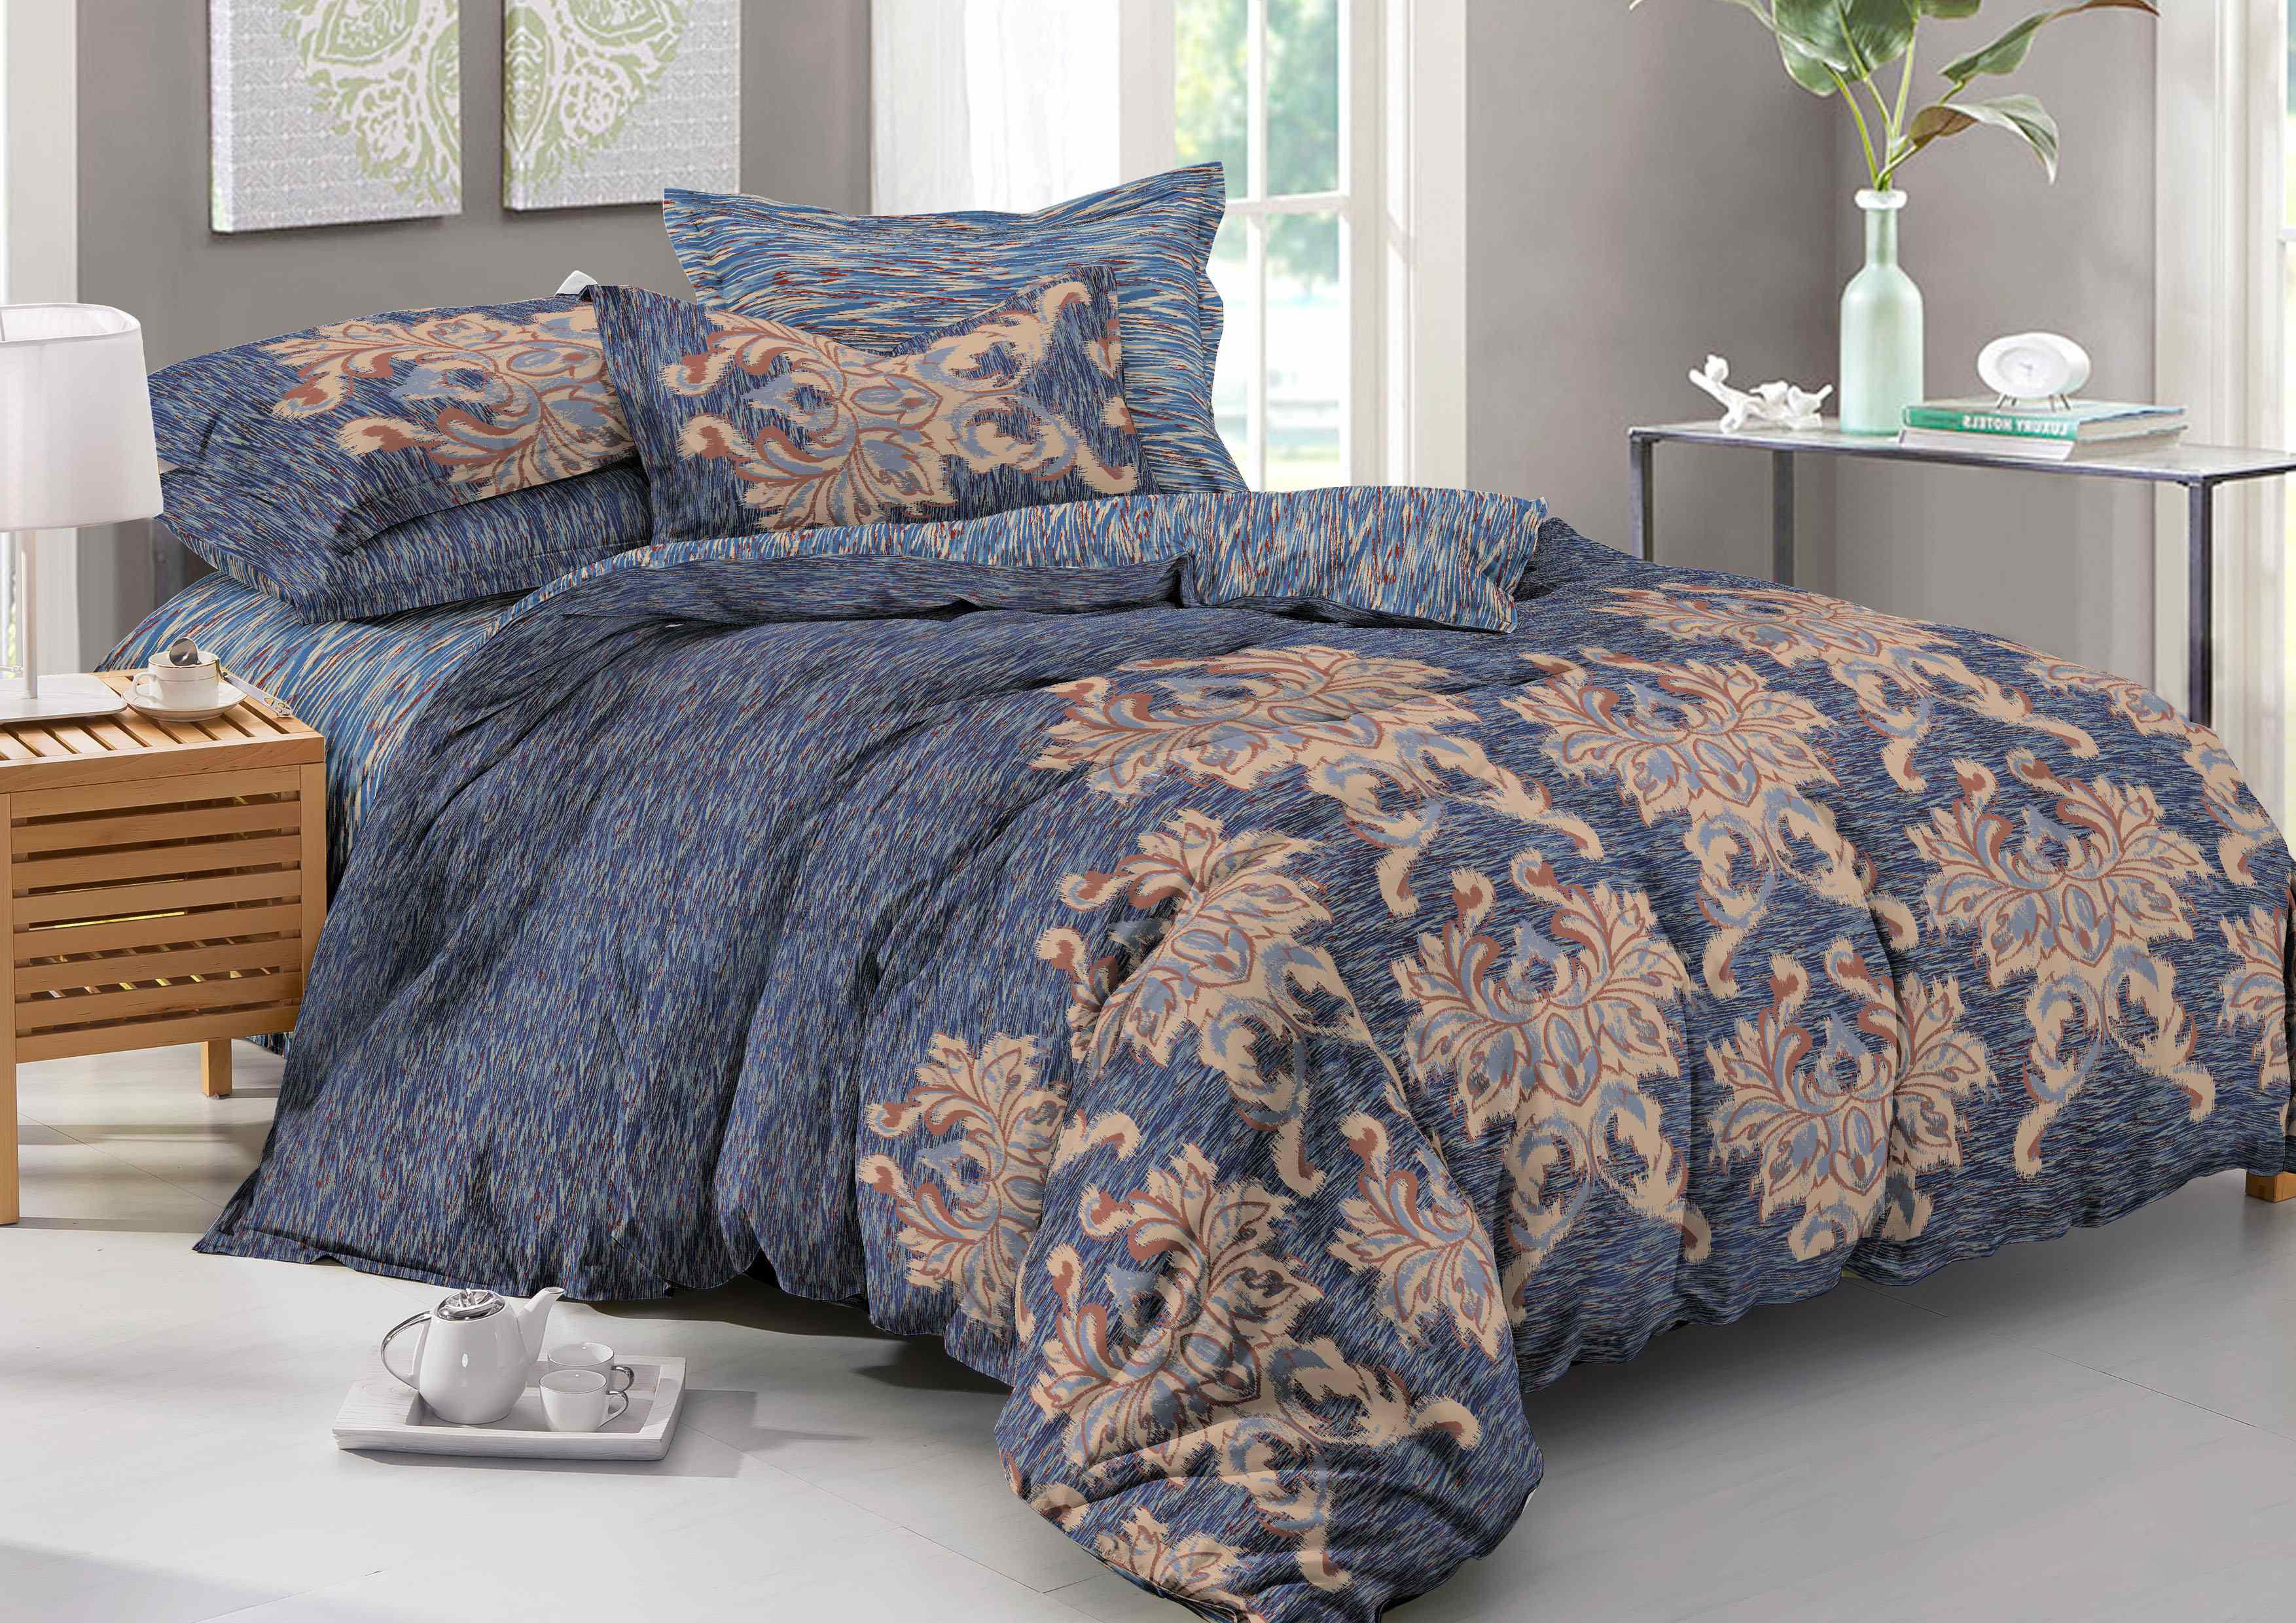 Комплекты постельного белья Guten Morgen gmg672909